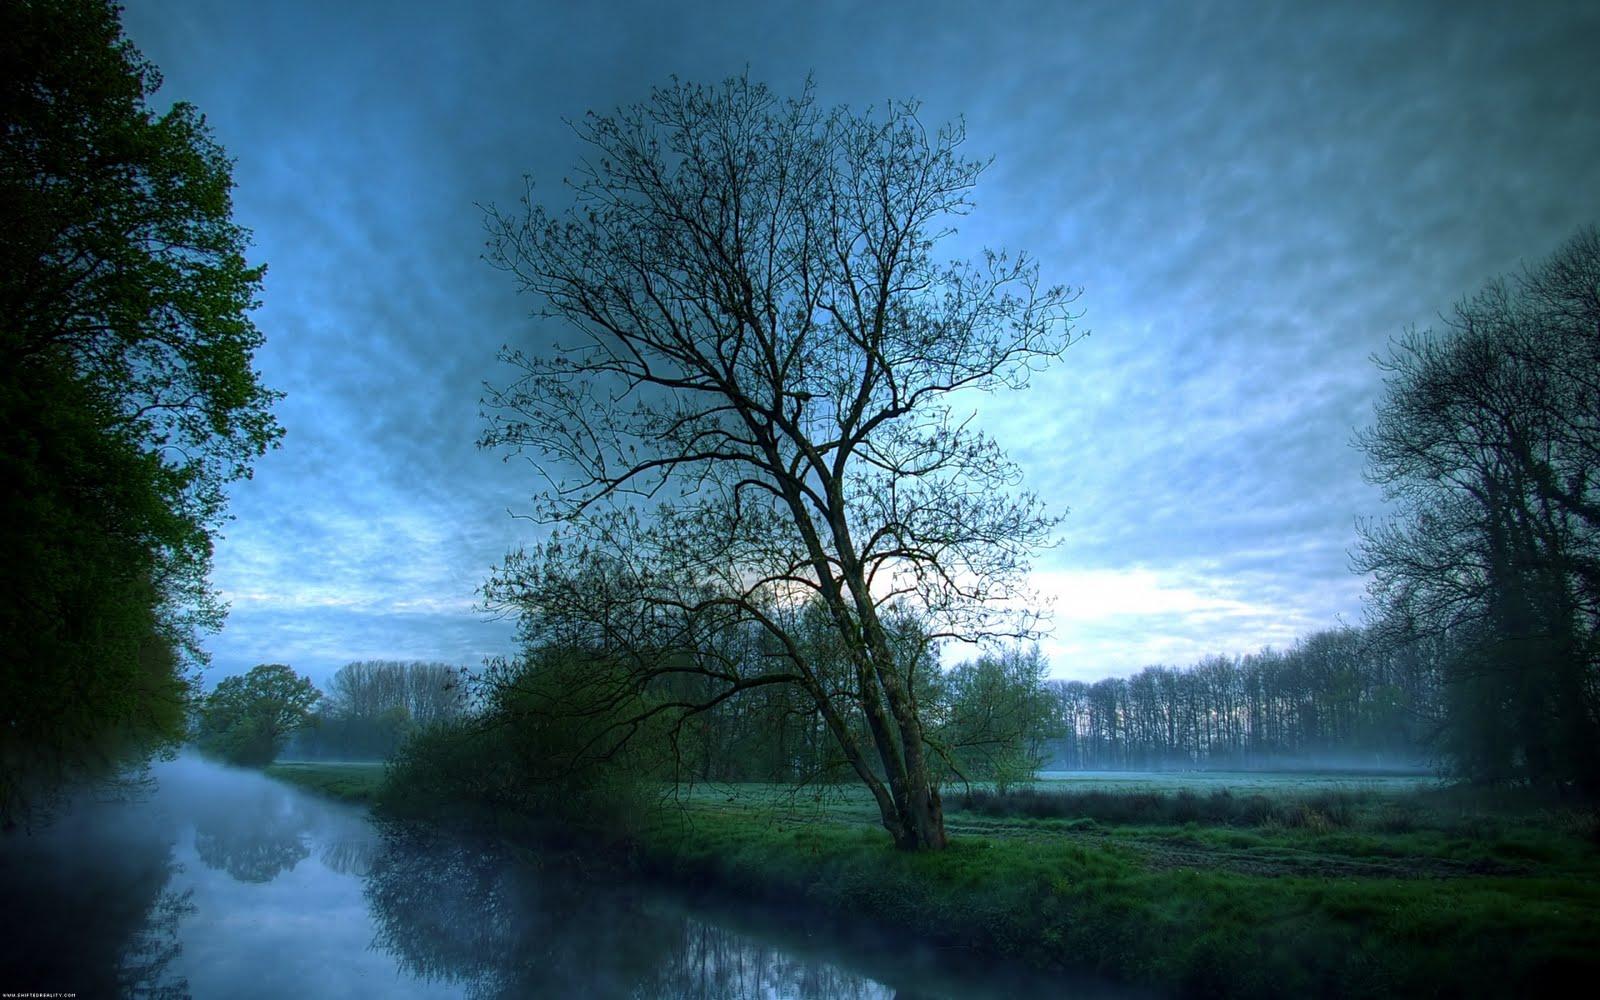 http://3.bp.blogspot.com/-b1zONuWeuSU/TjP_d-bt5_I/AAAAAAAAAE0/pWowXwsAHPM/s1600/Nature+wallpapers++6.jpg